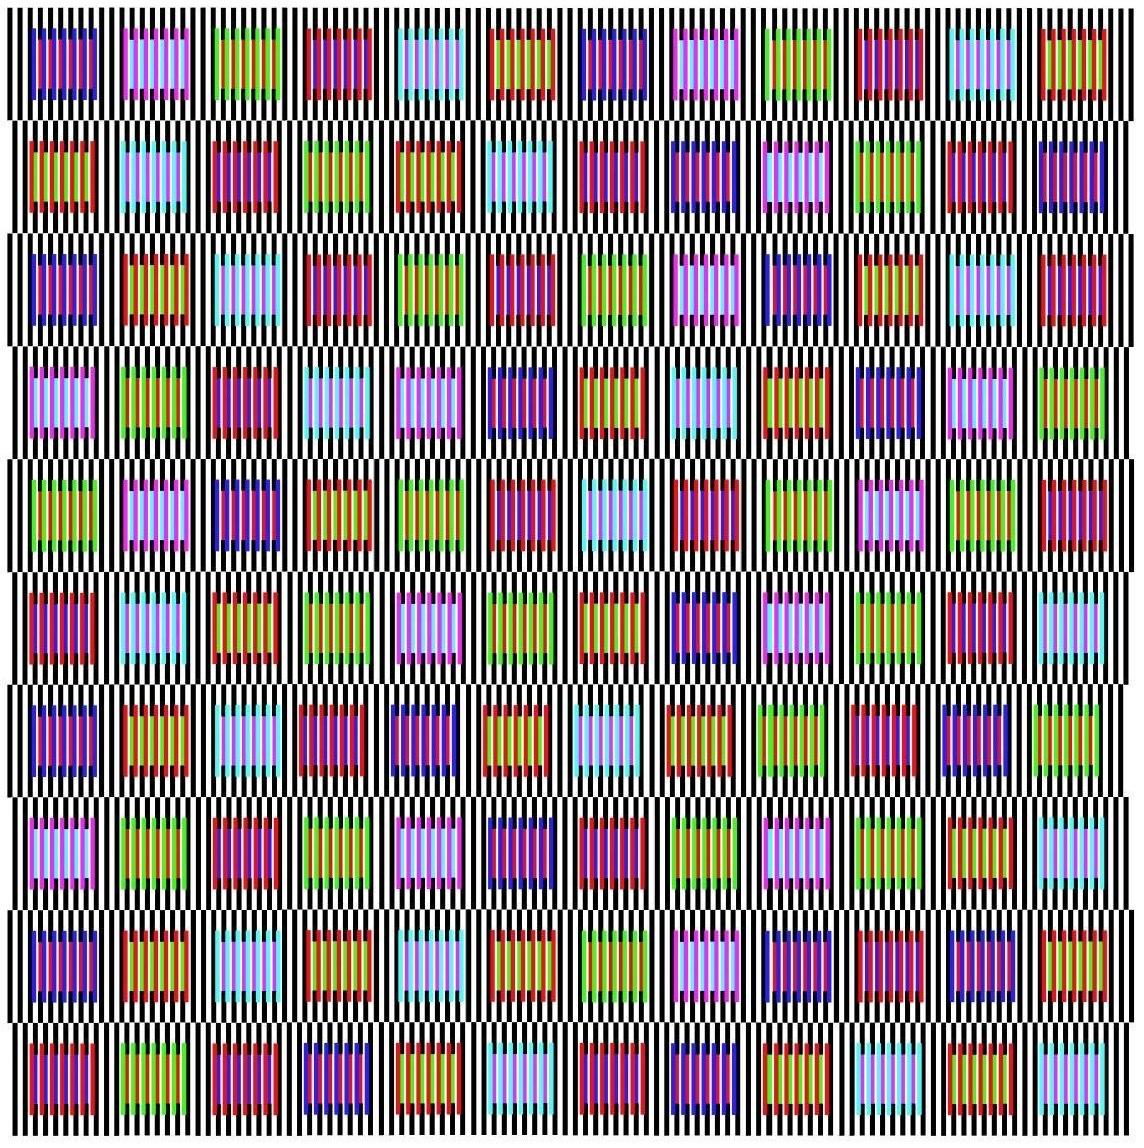 Square | 2013 |